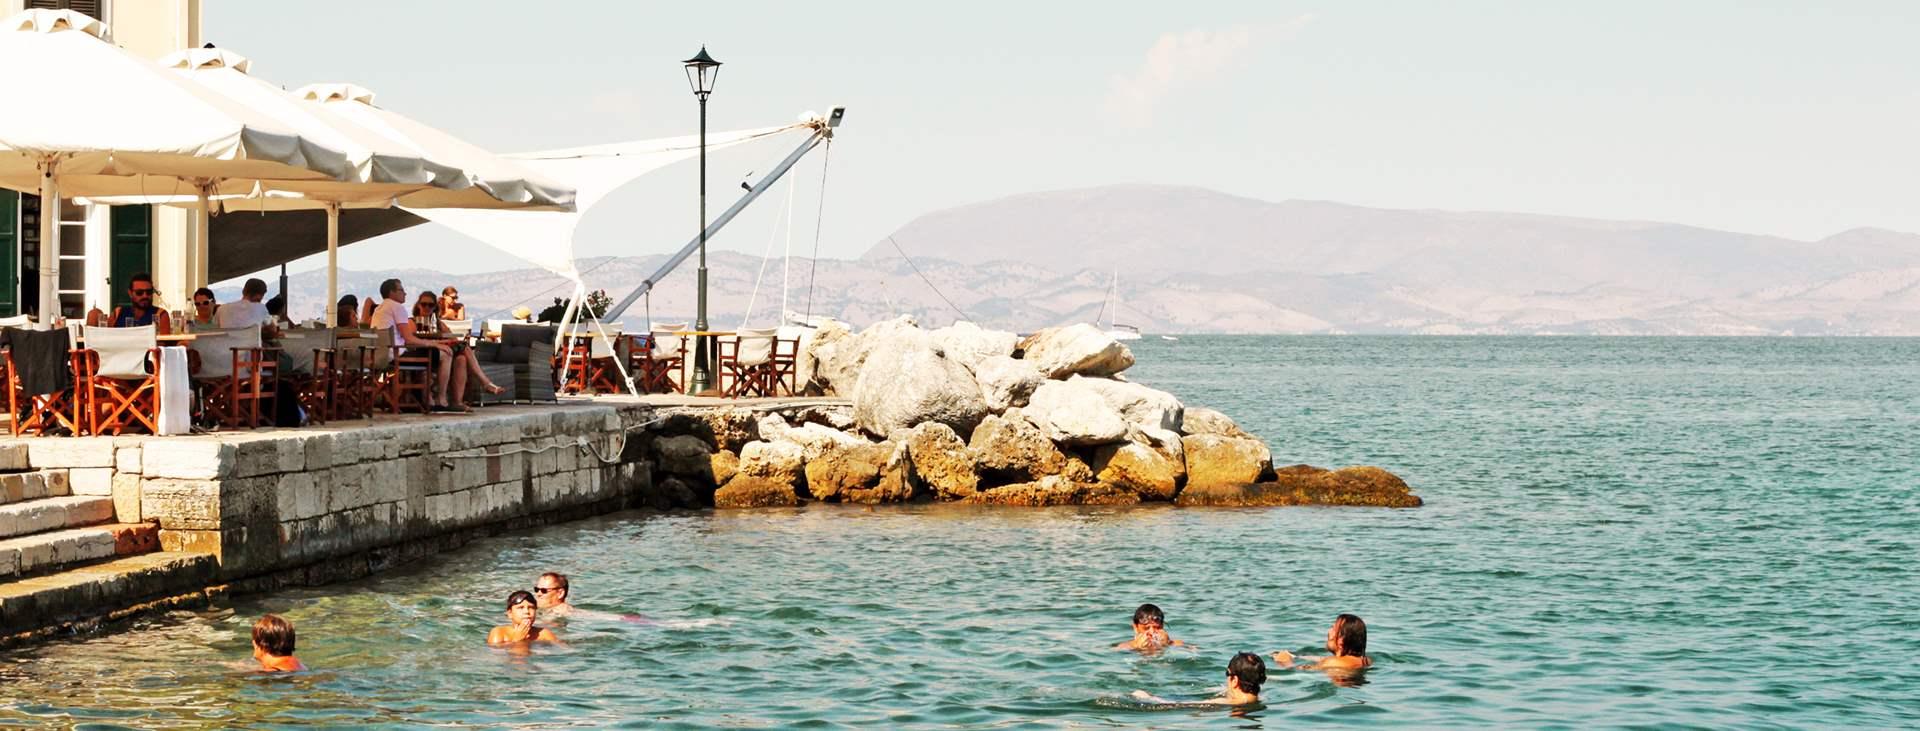 Boka din resa till Korfu i Grekland med Ving